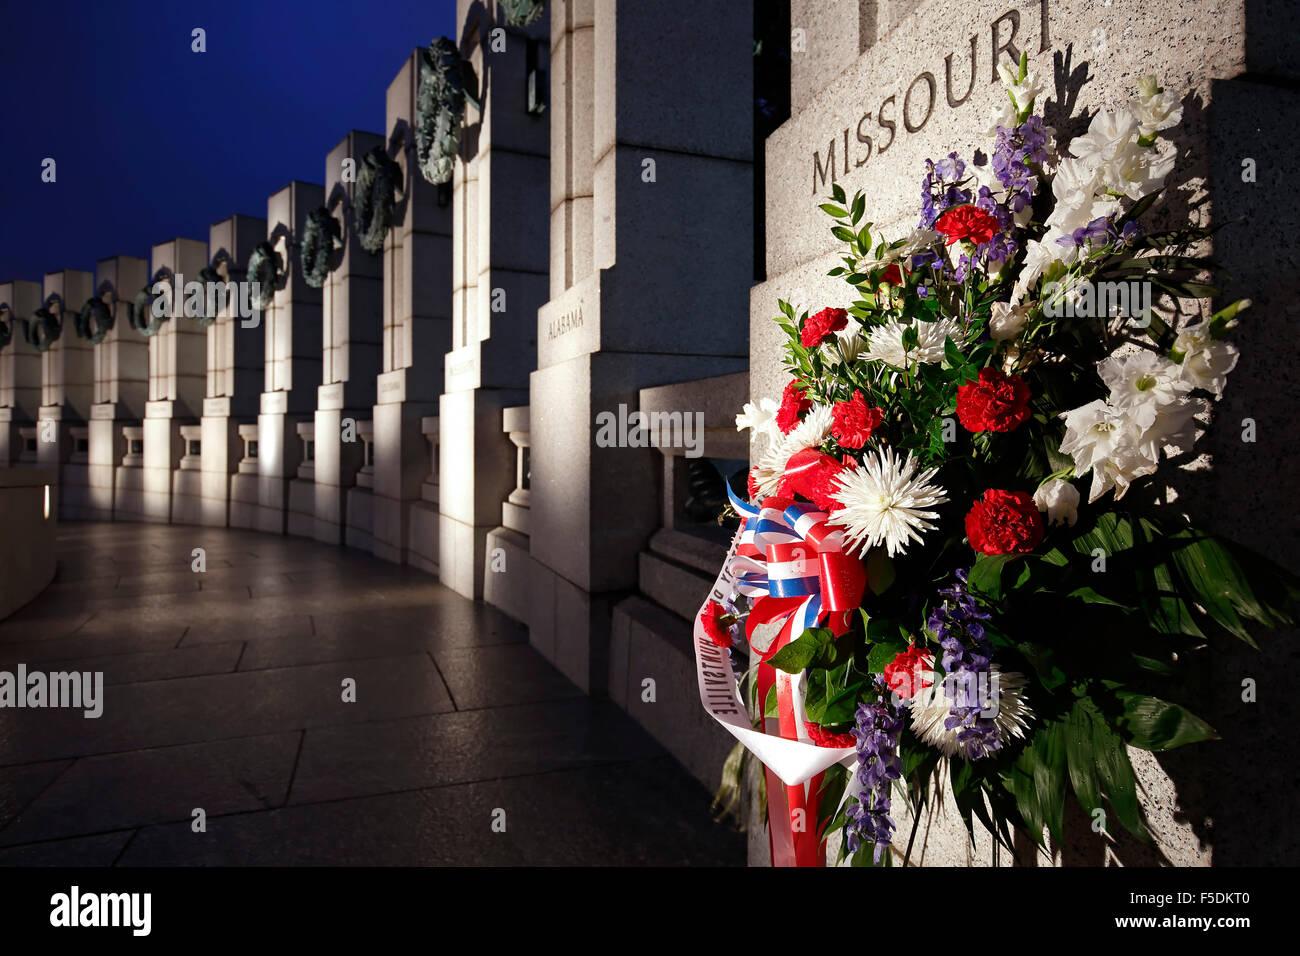 Fiori e il Memoriale della Seconda Guerra Mondiale, Washington, Distretto di Columbia USA Immagini Stock